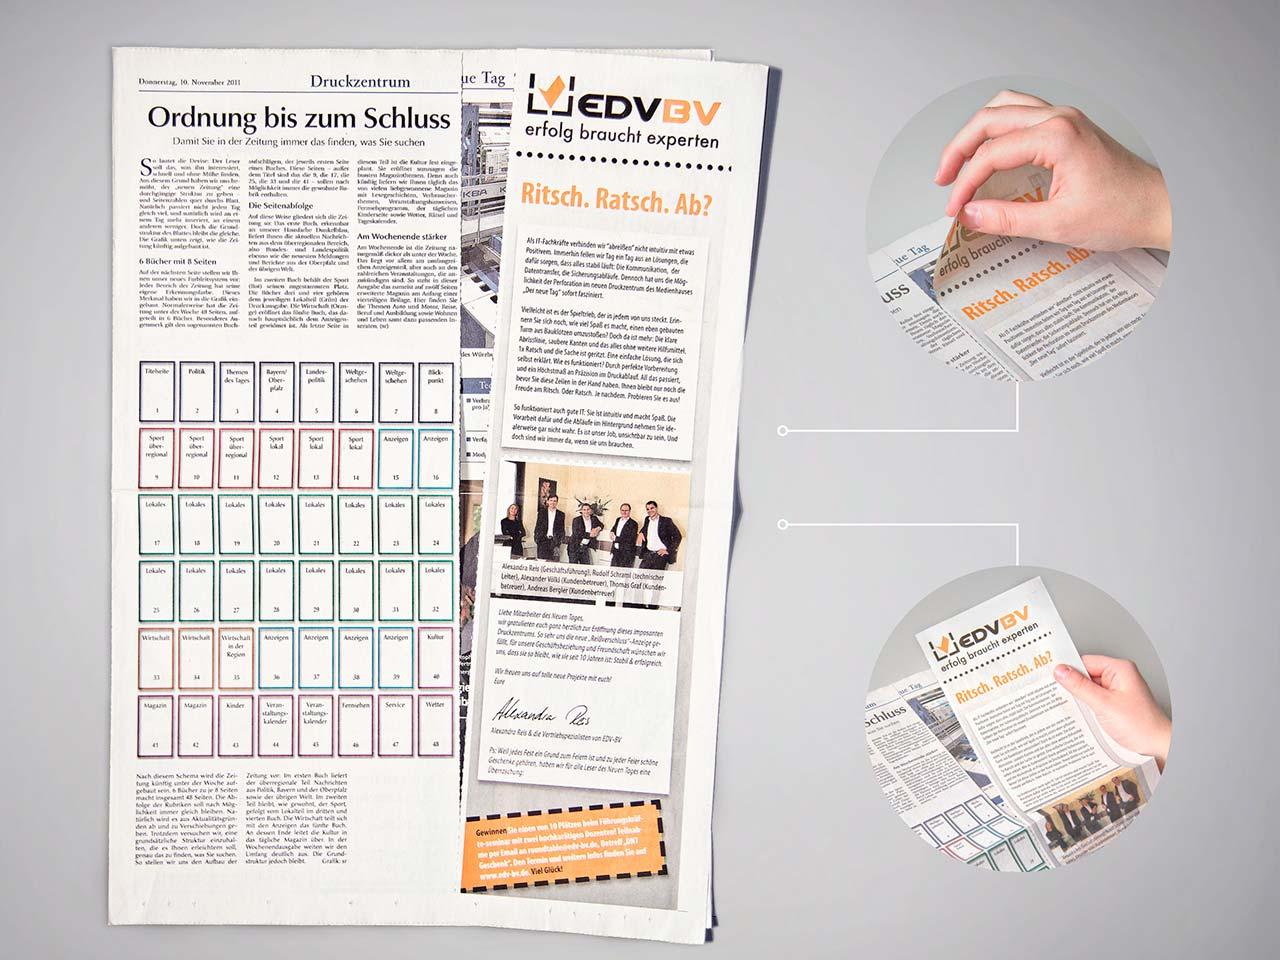 Ansicht einer Zeitung mit Zip'n'buy-Anzeige aus dem Druck von Oberpfalz Medien.